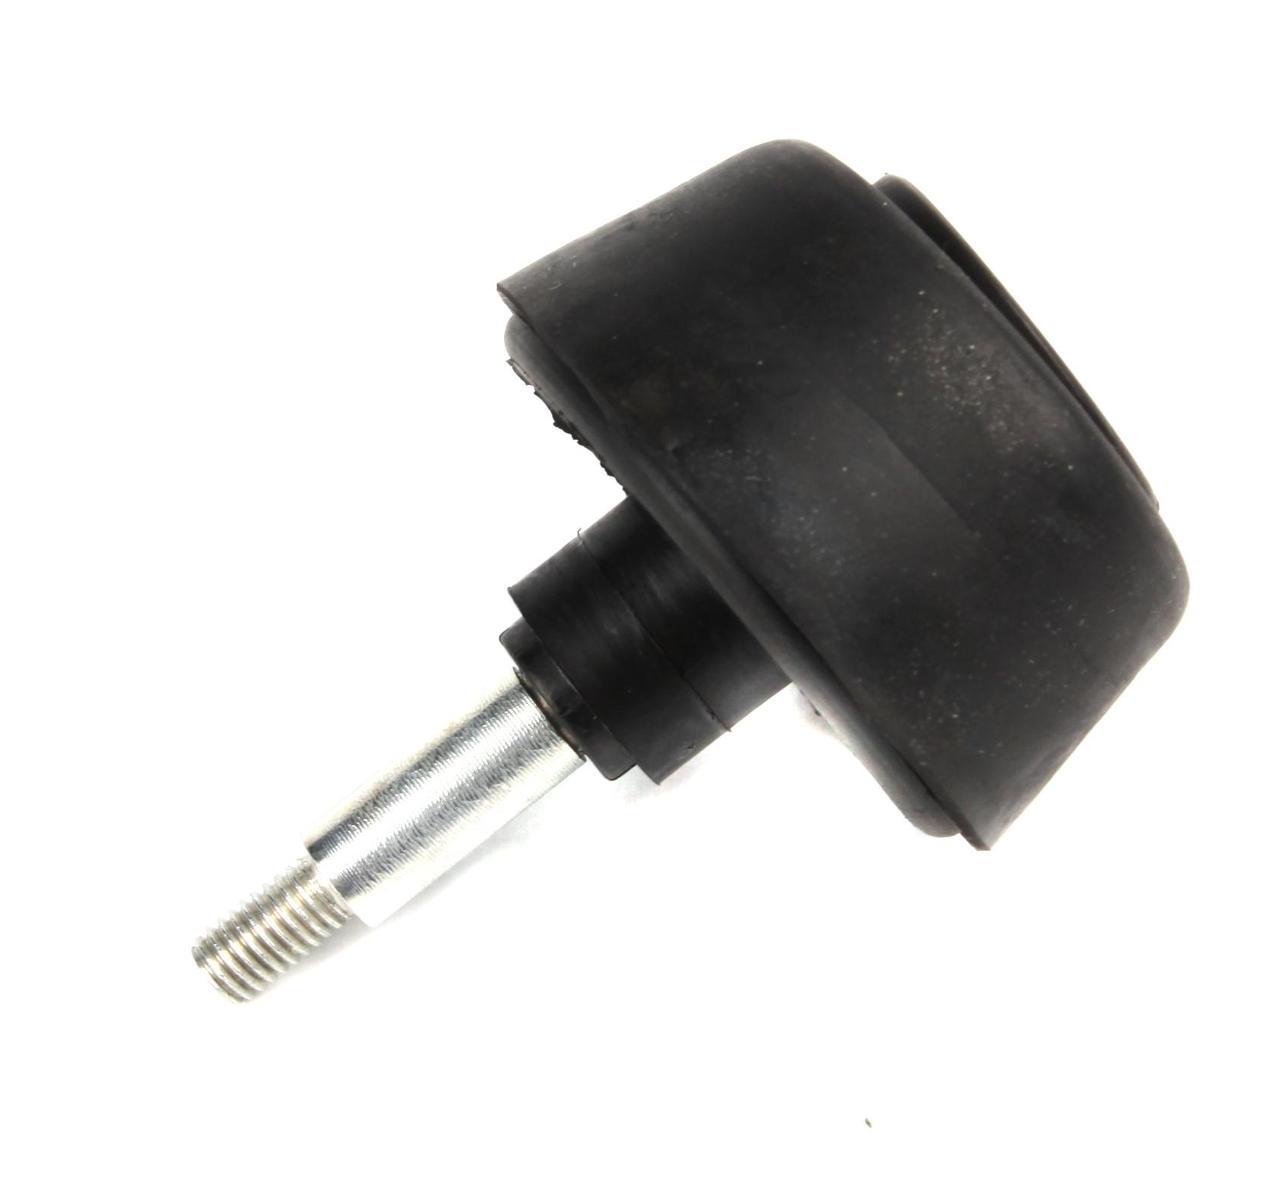 Упор двери задней (на кузове) (магнит, фиксатор, отбойник) MB Sprinter/VW Crafter 06- (304018) SOLGY